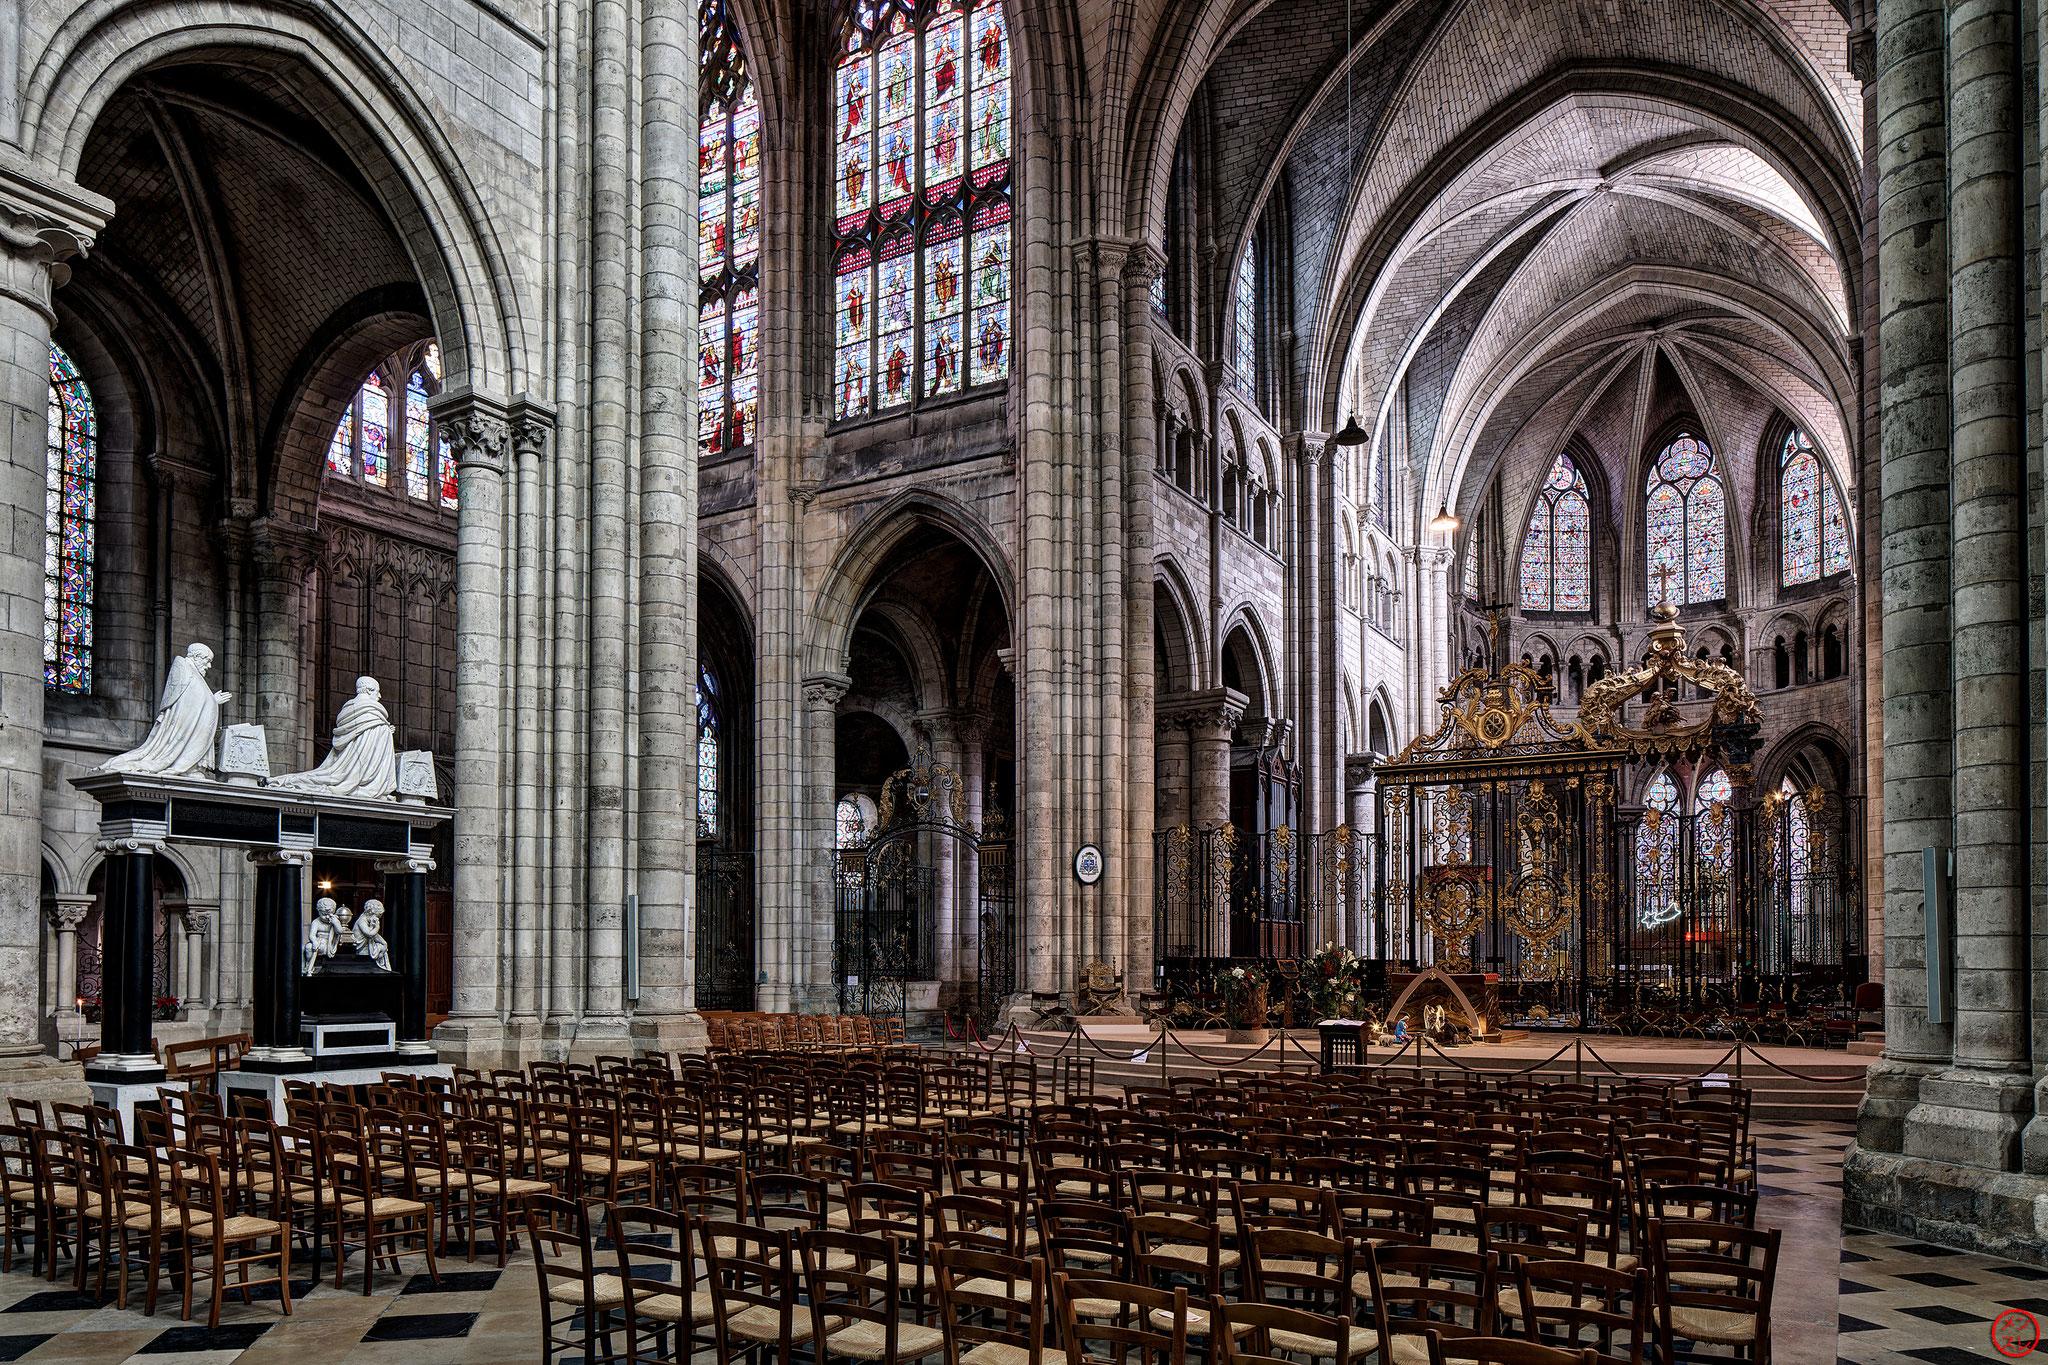 Cathédrale Saint-Etienne de Sens, France